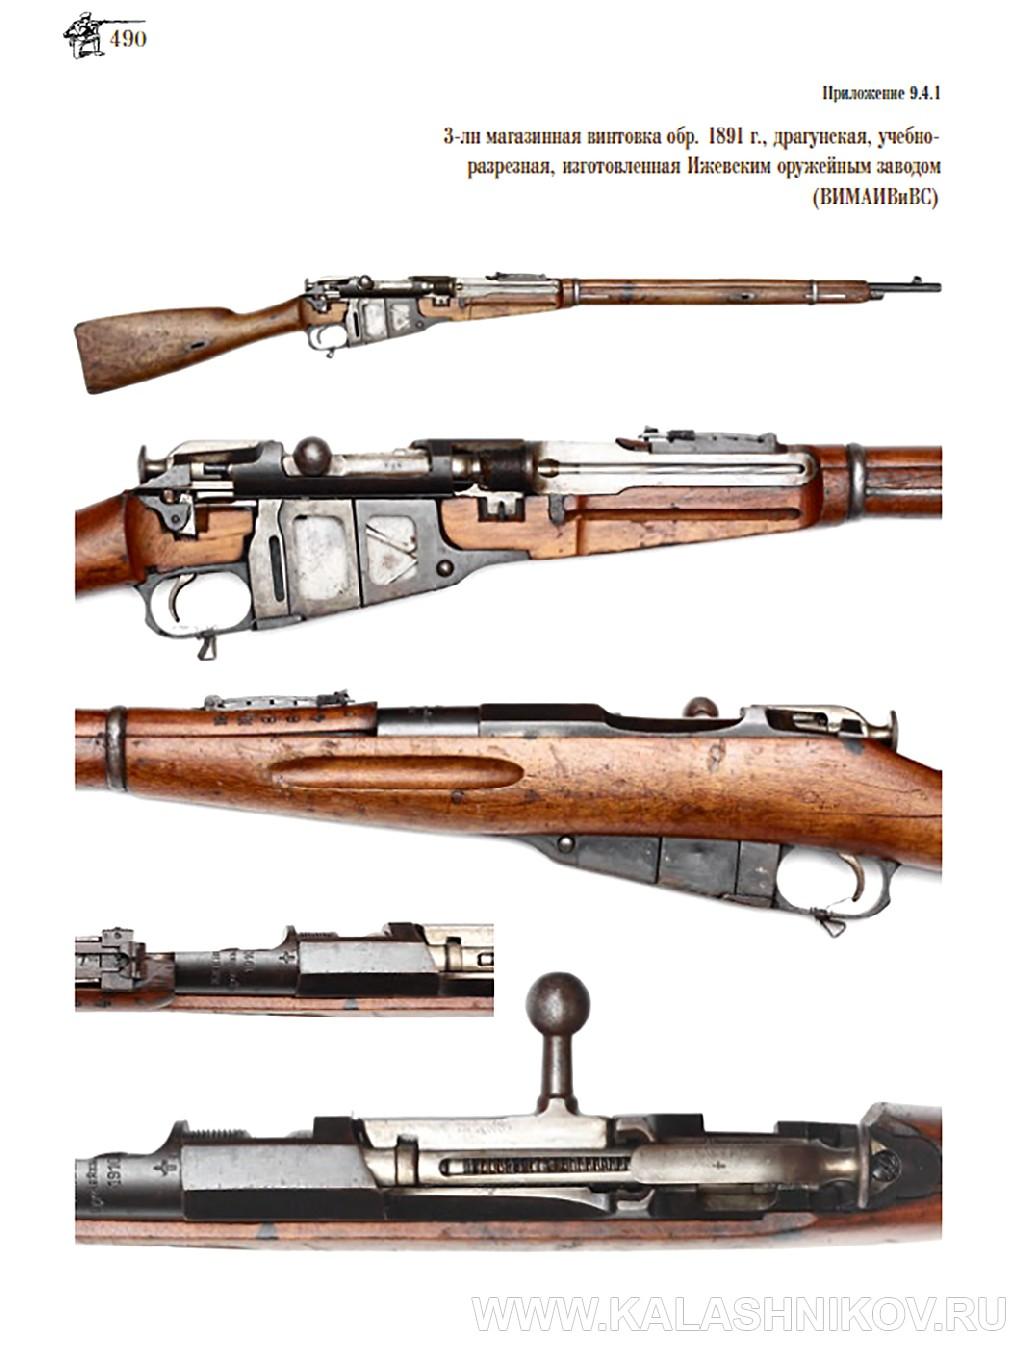 Страница с фотографиями редких экземпляров 3-лн винтовки Мосина из книги Р.Н. Чумака «3-лн винтовка Мосина». Иллюстрация к статье в журнале «КАЛАШНИКОВ»